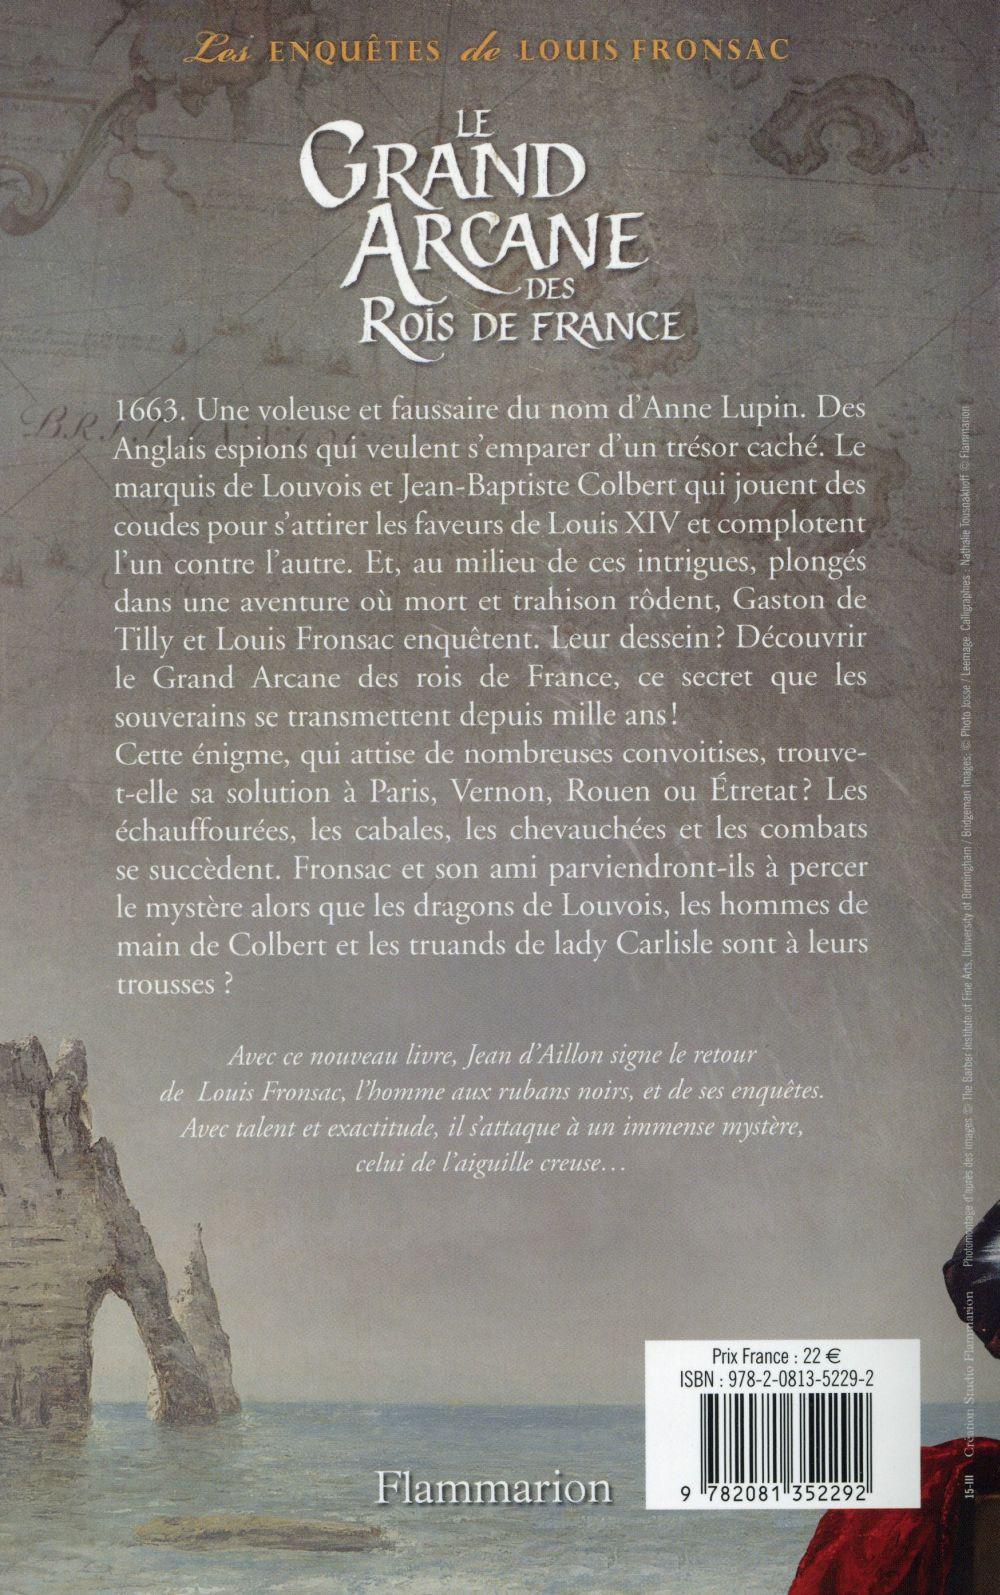 Le Grand Arcane Des Rois De France : grand, arcane, france, Enquêtes, Louis, Fronsac, Grand, Arcane, France, Aillon, Flammarion, Format, Place, Libraires